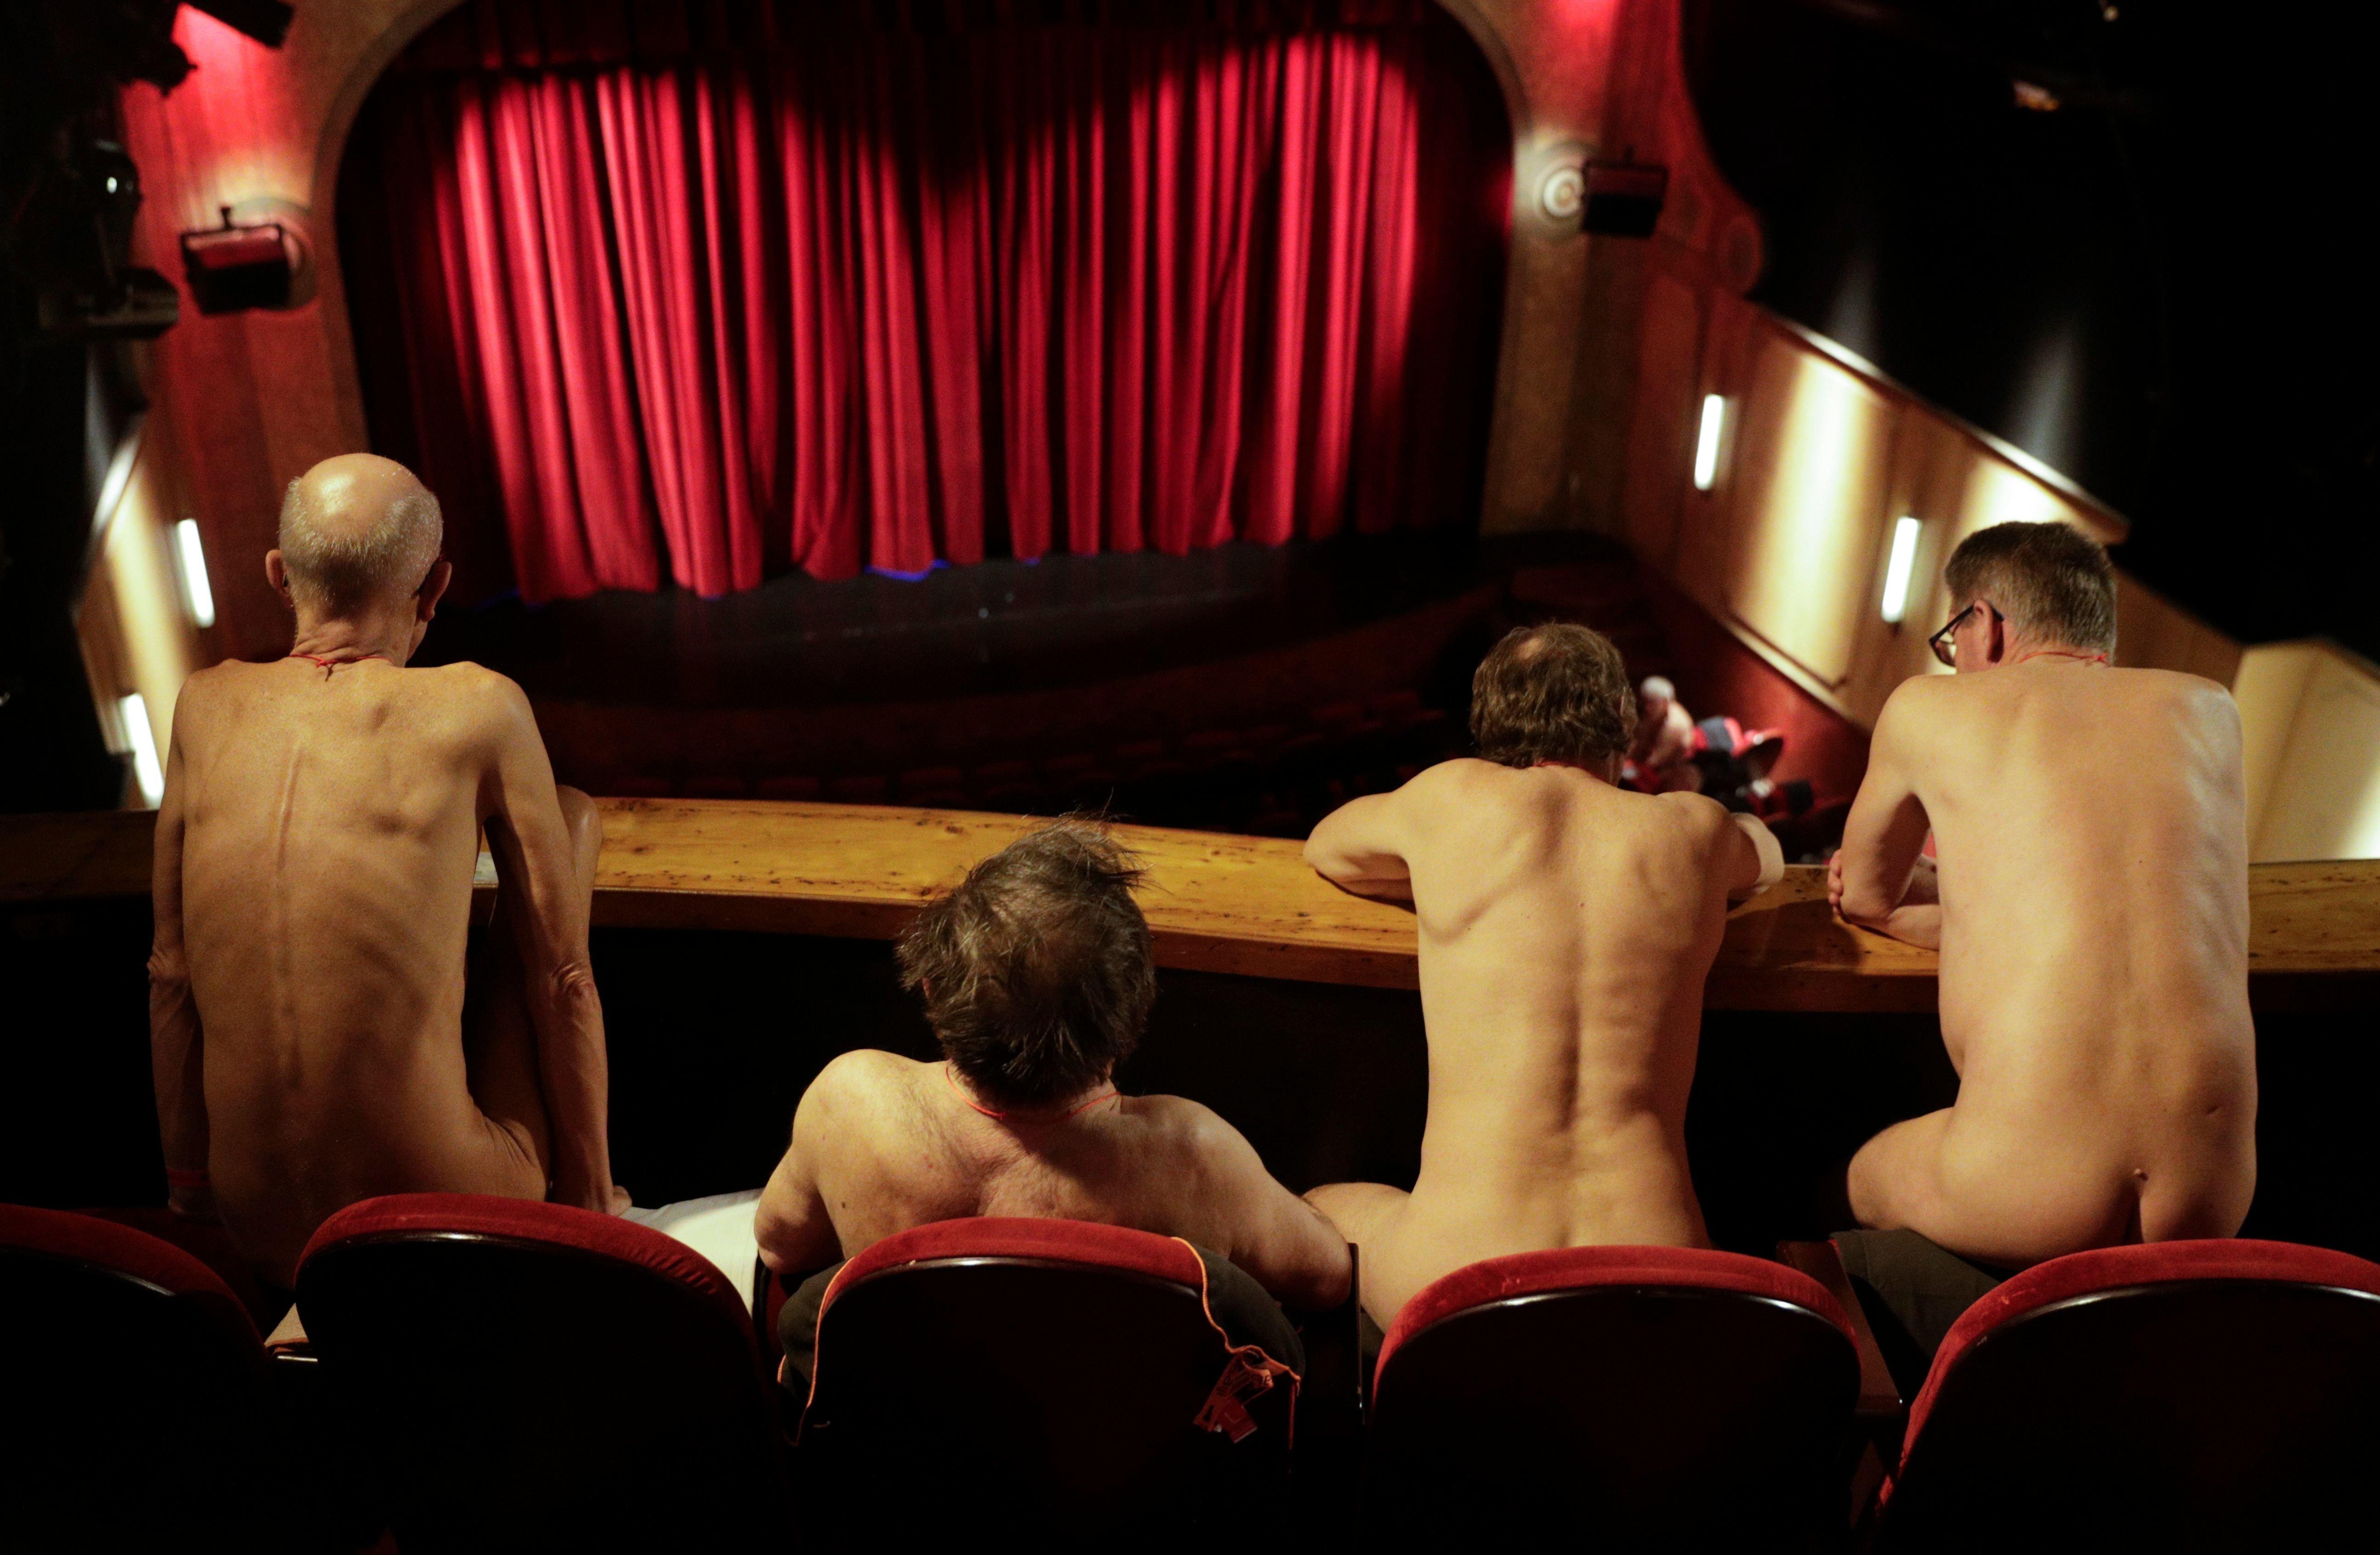 Σε αυτό το θέατρο γδύνονται και οι θεατές - όχι μόνο οι